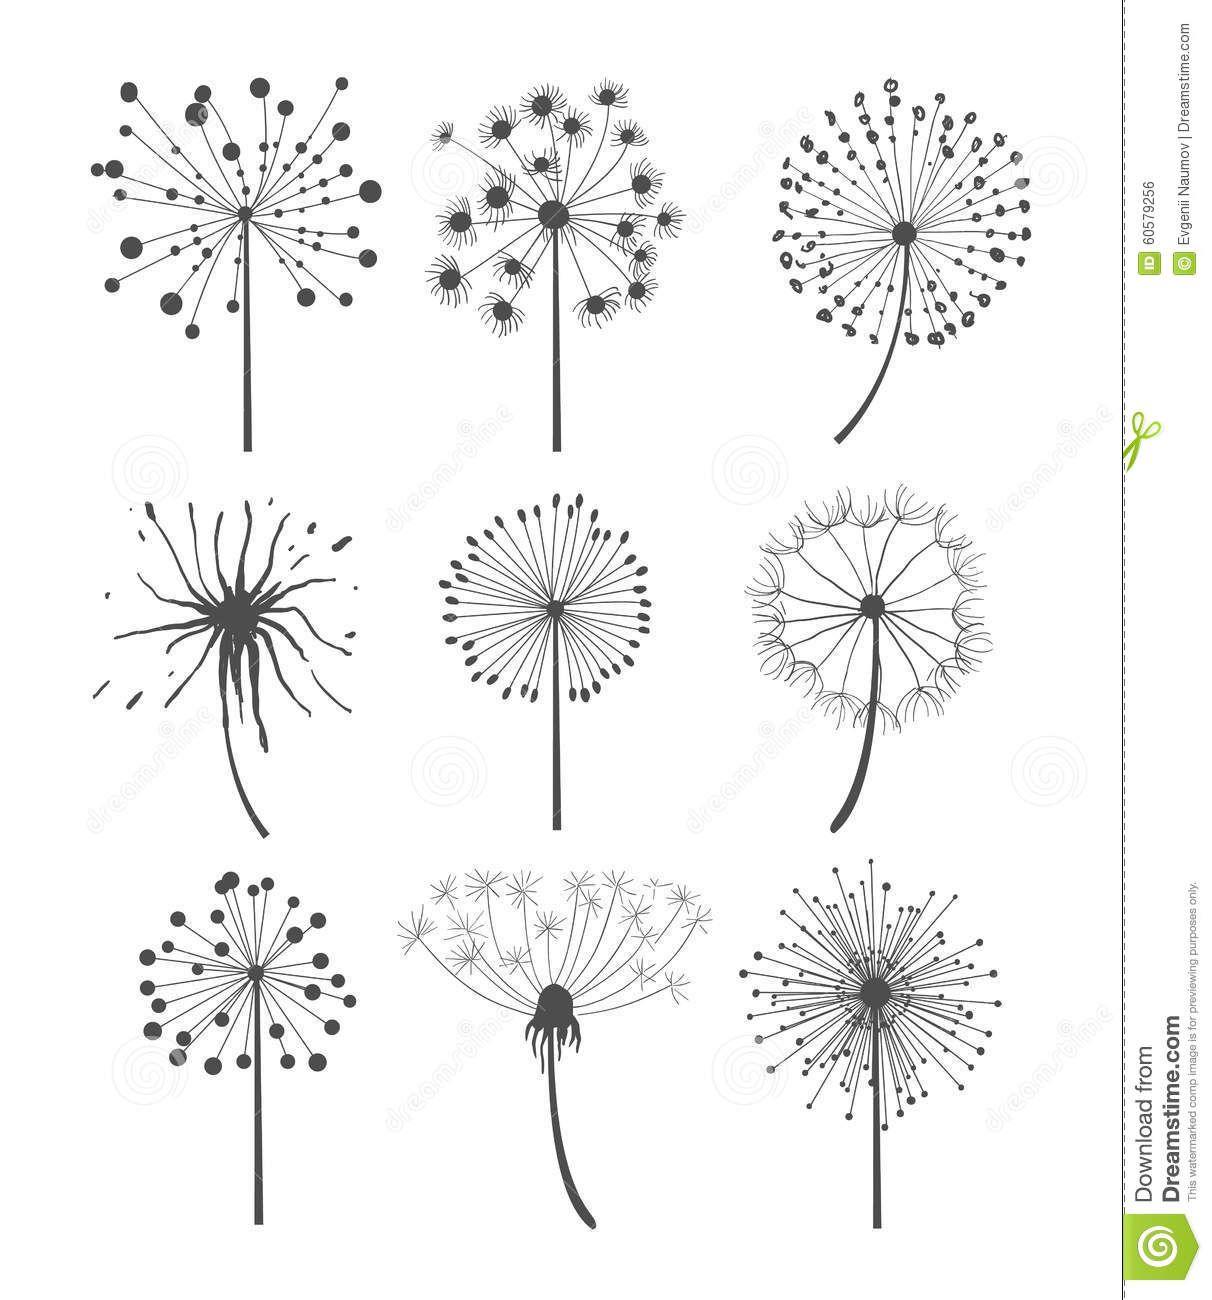 Afficher l 39 image d 39 origine pint pinterest les - Dessin fleur pissenlit ...